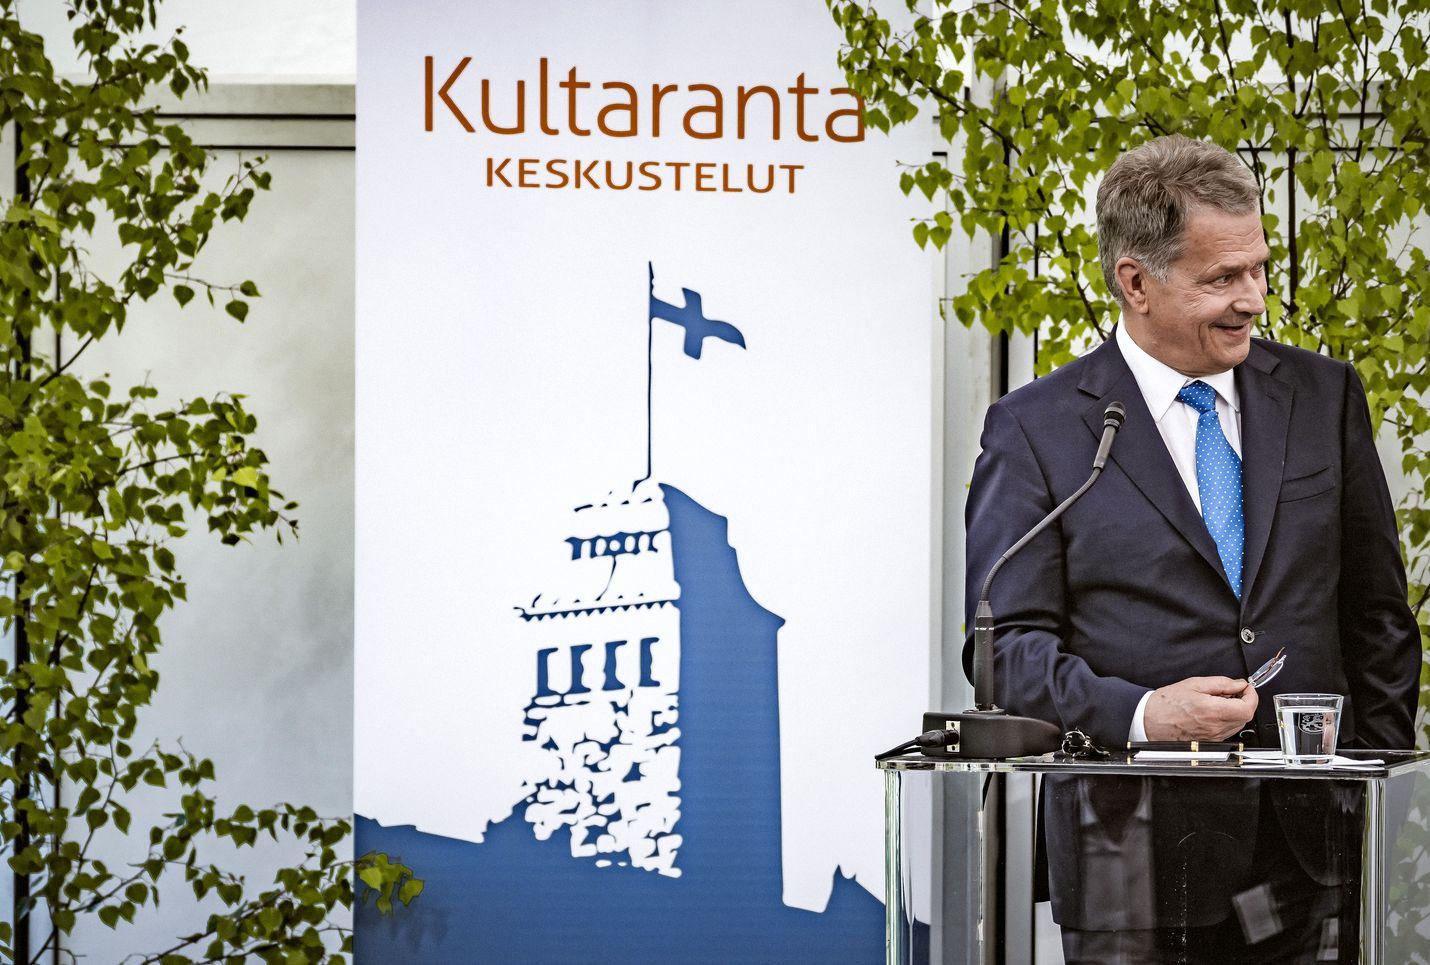 Tasavallan presidentti Sauli Niinistön järjestämät Kultaranta-keskustelut pidetään ensi kesänä virtuaalisesti.